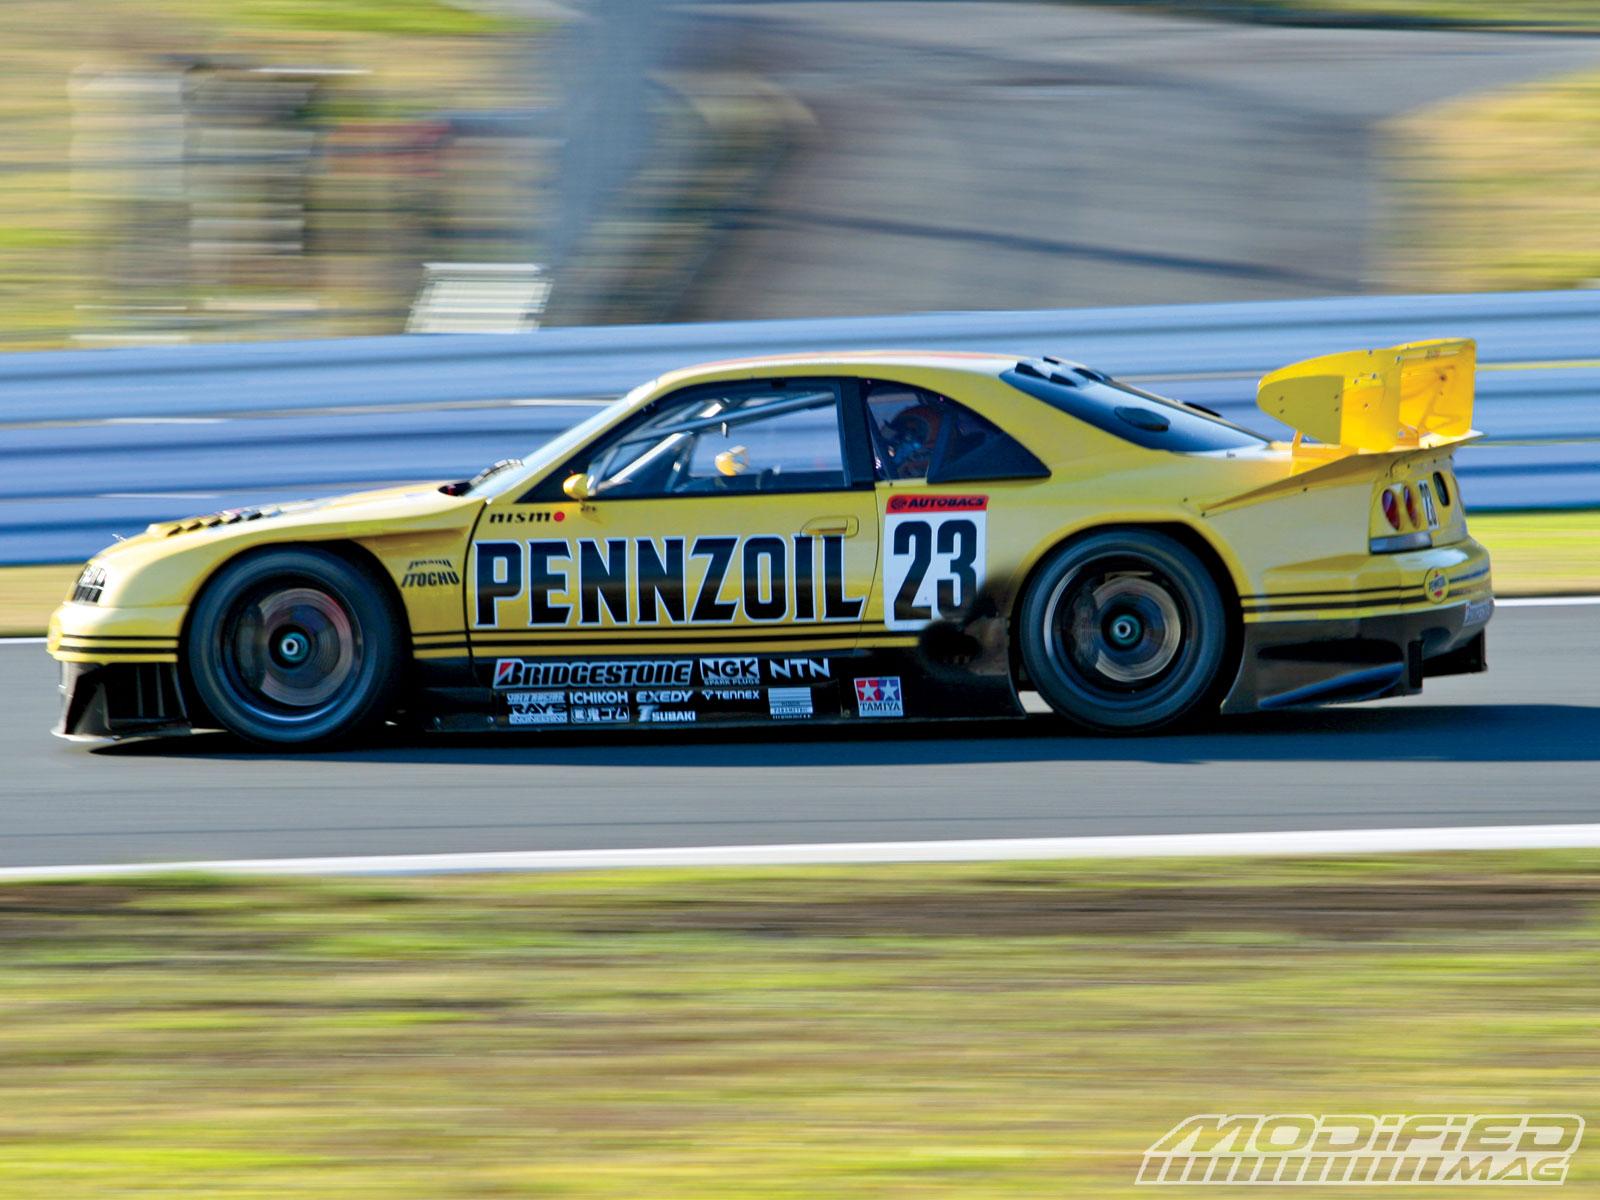 Drag race car paint schemes - Pennzoil Gtr Anyone